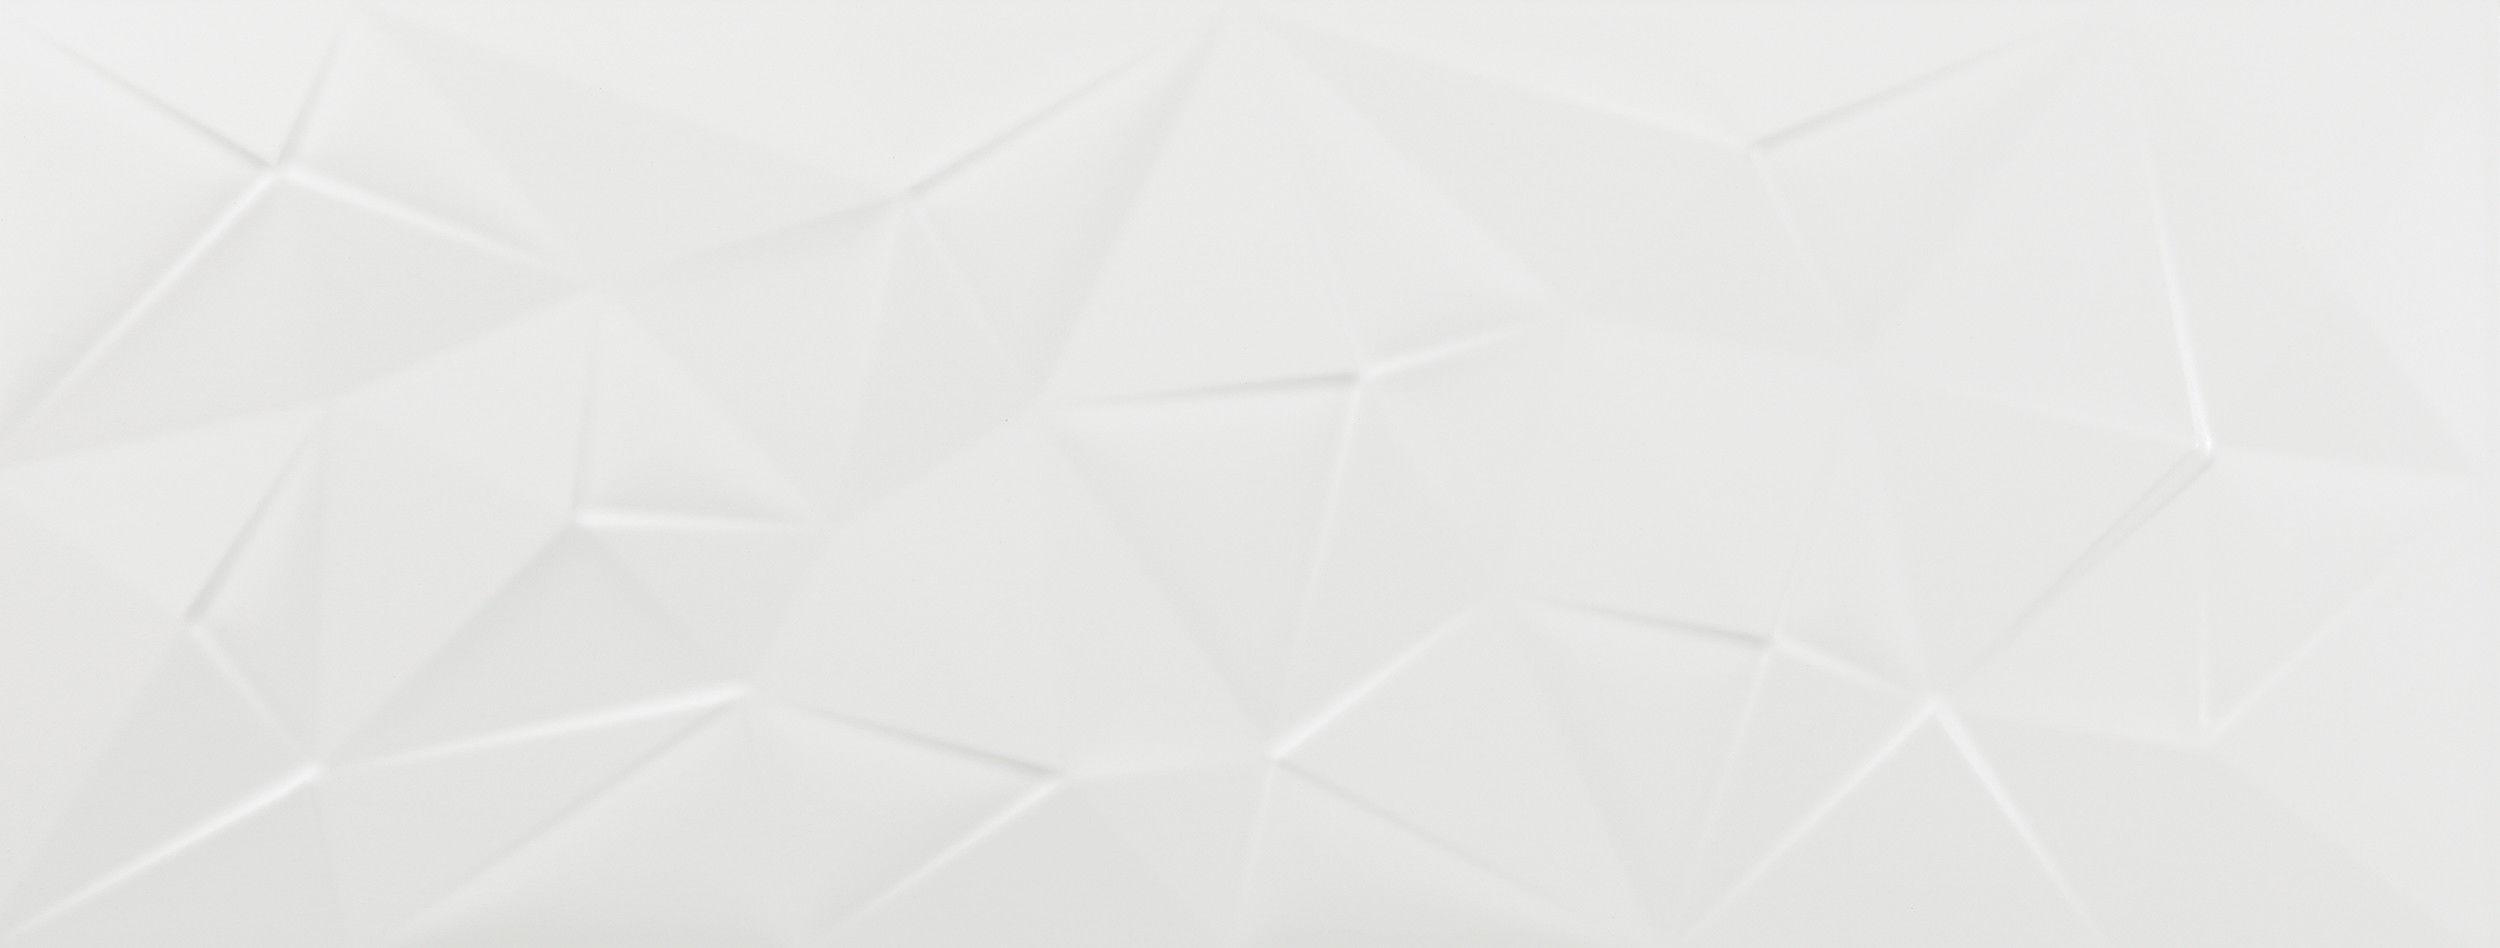 Clarity Kite Blanco Matt Slimrect 25x65 płytki ścienne